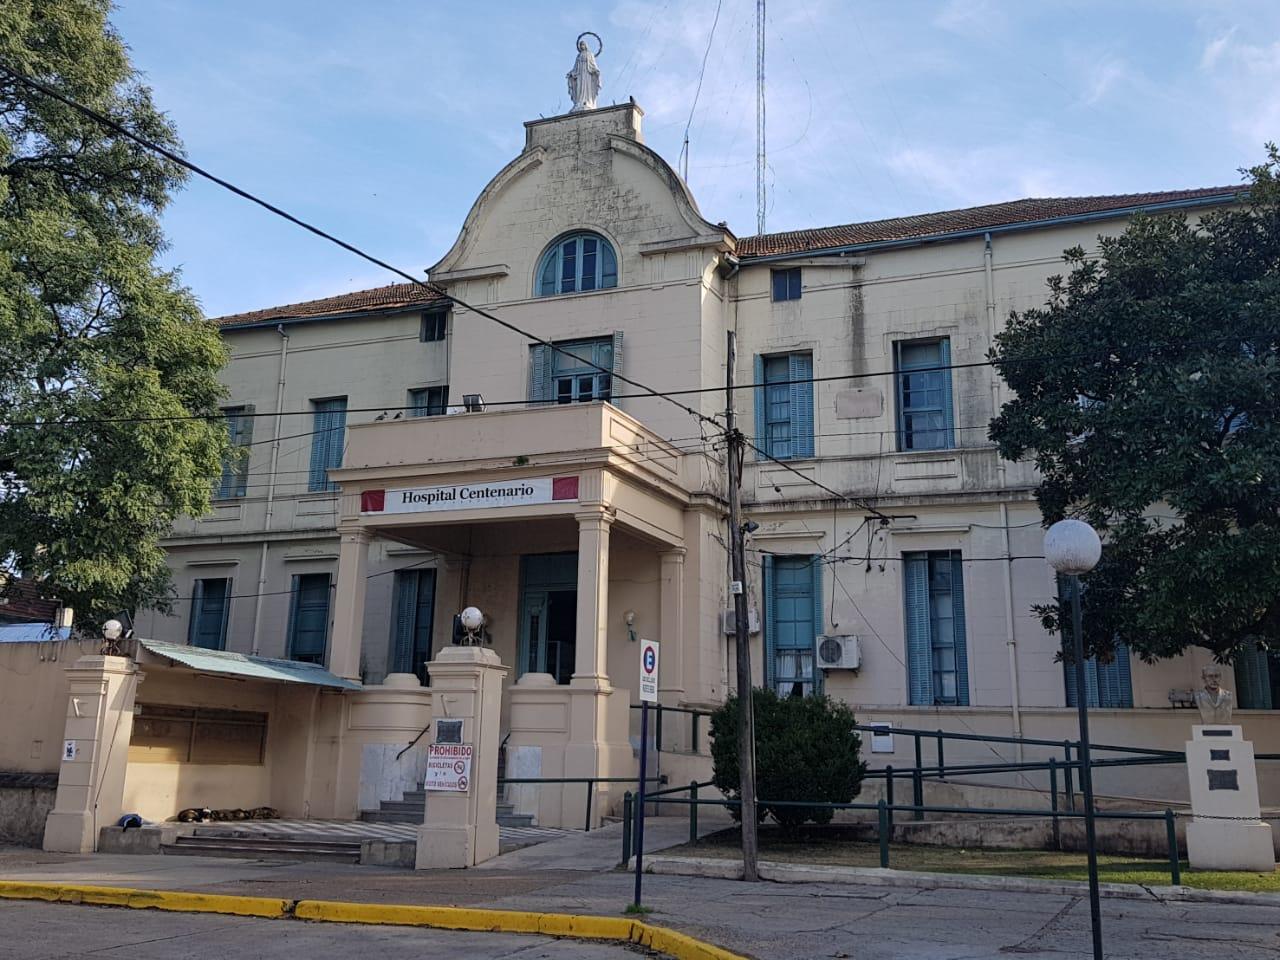 ALARMANTE: 9 de cada 10 camas de terapia intensiva están ocupadas en el Centenario